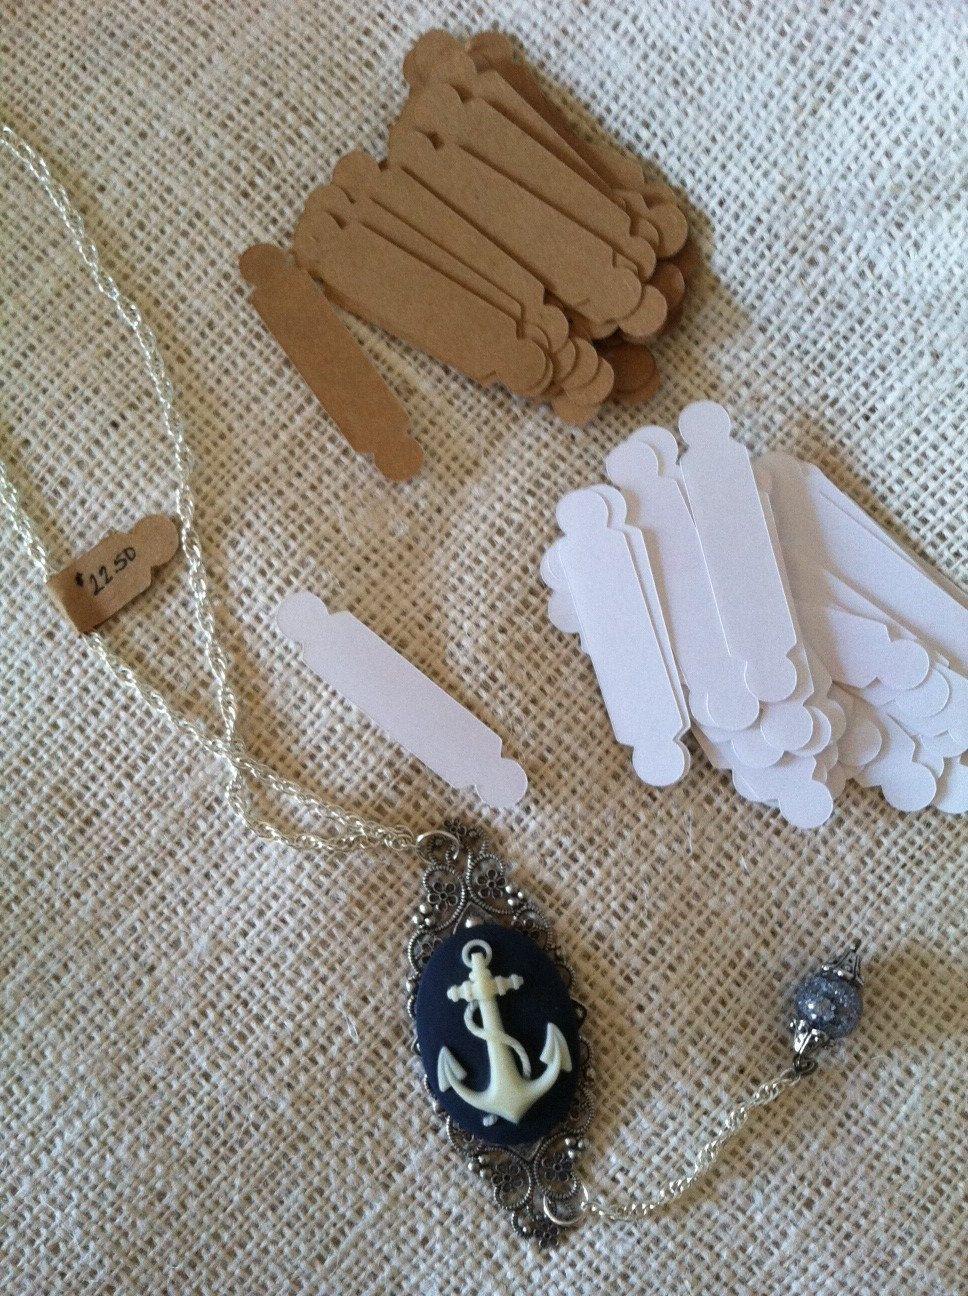 Jewelry Sticker Price Tags Kraft Or White Diy Jewelry Display Jewelry Display Cards Jewelry Booth